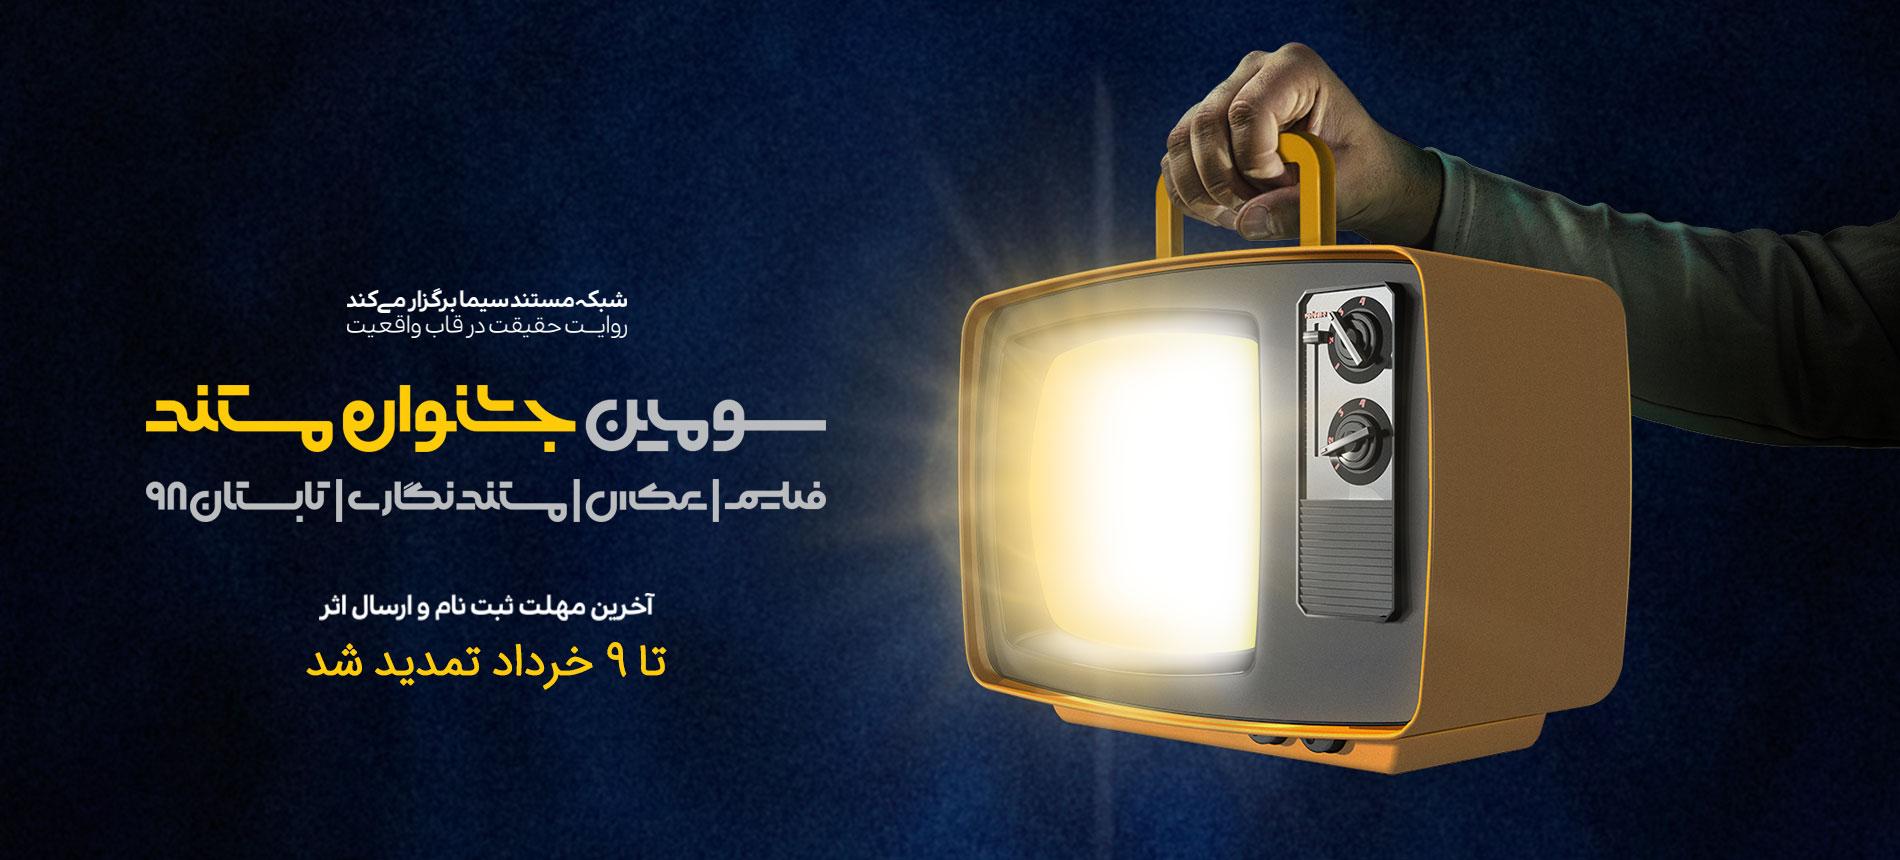 مهلت ارسال فیلم به سومین جشنواره مستند، تمدید شد